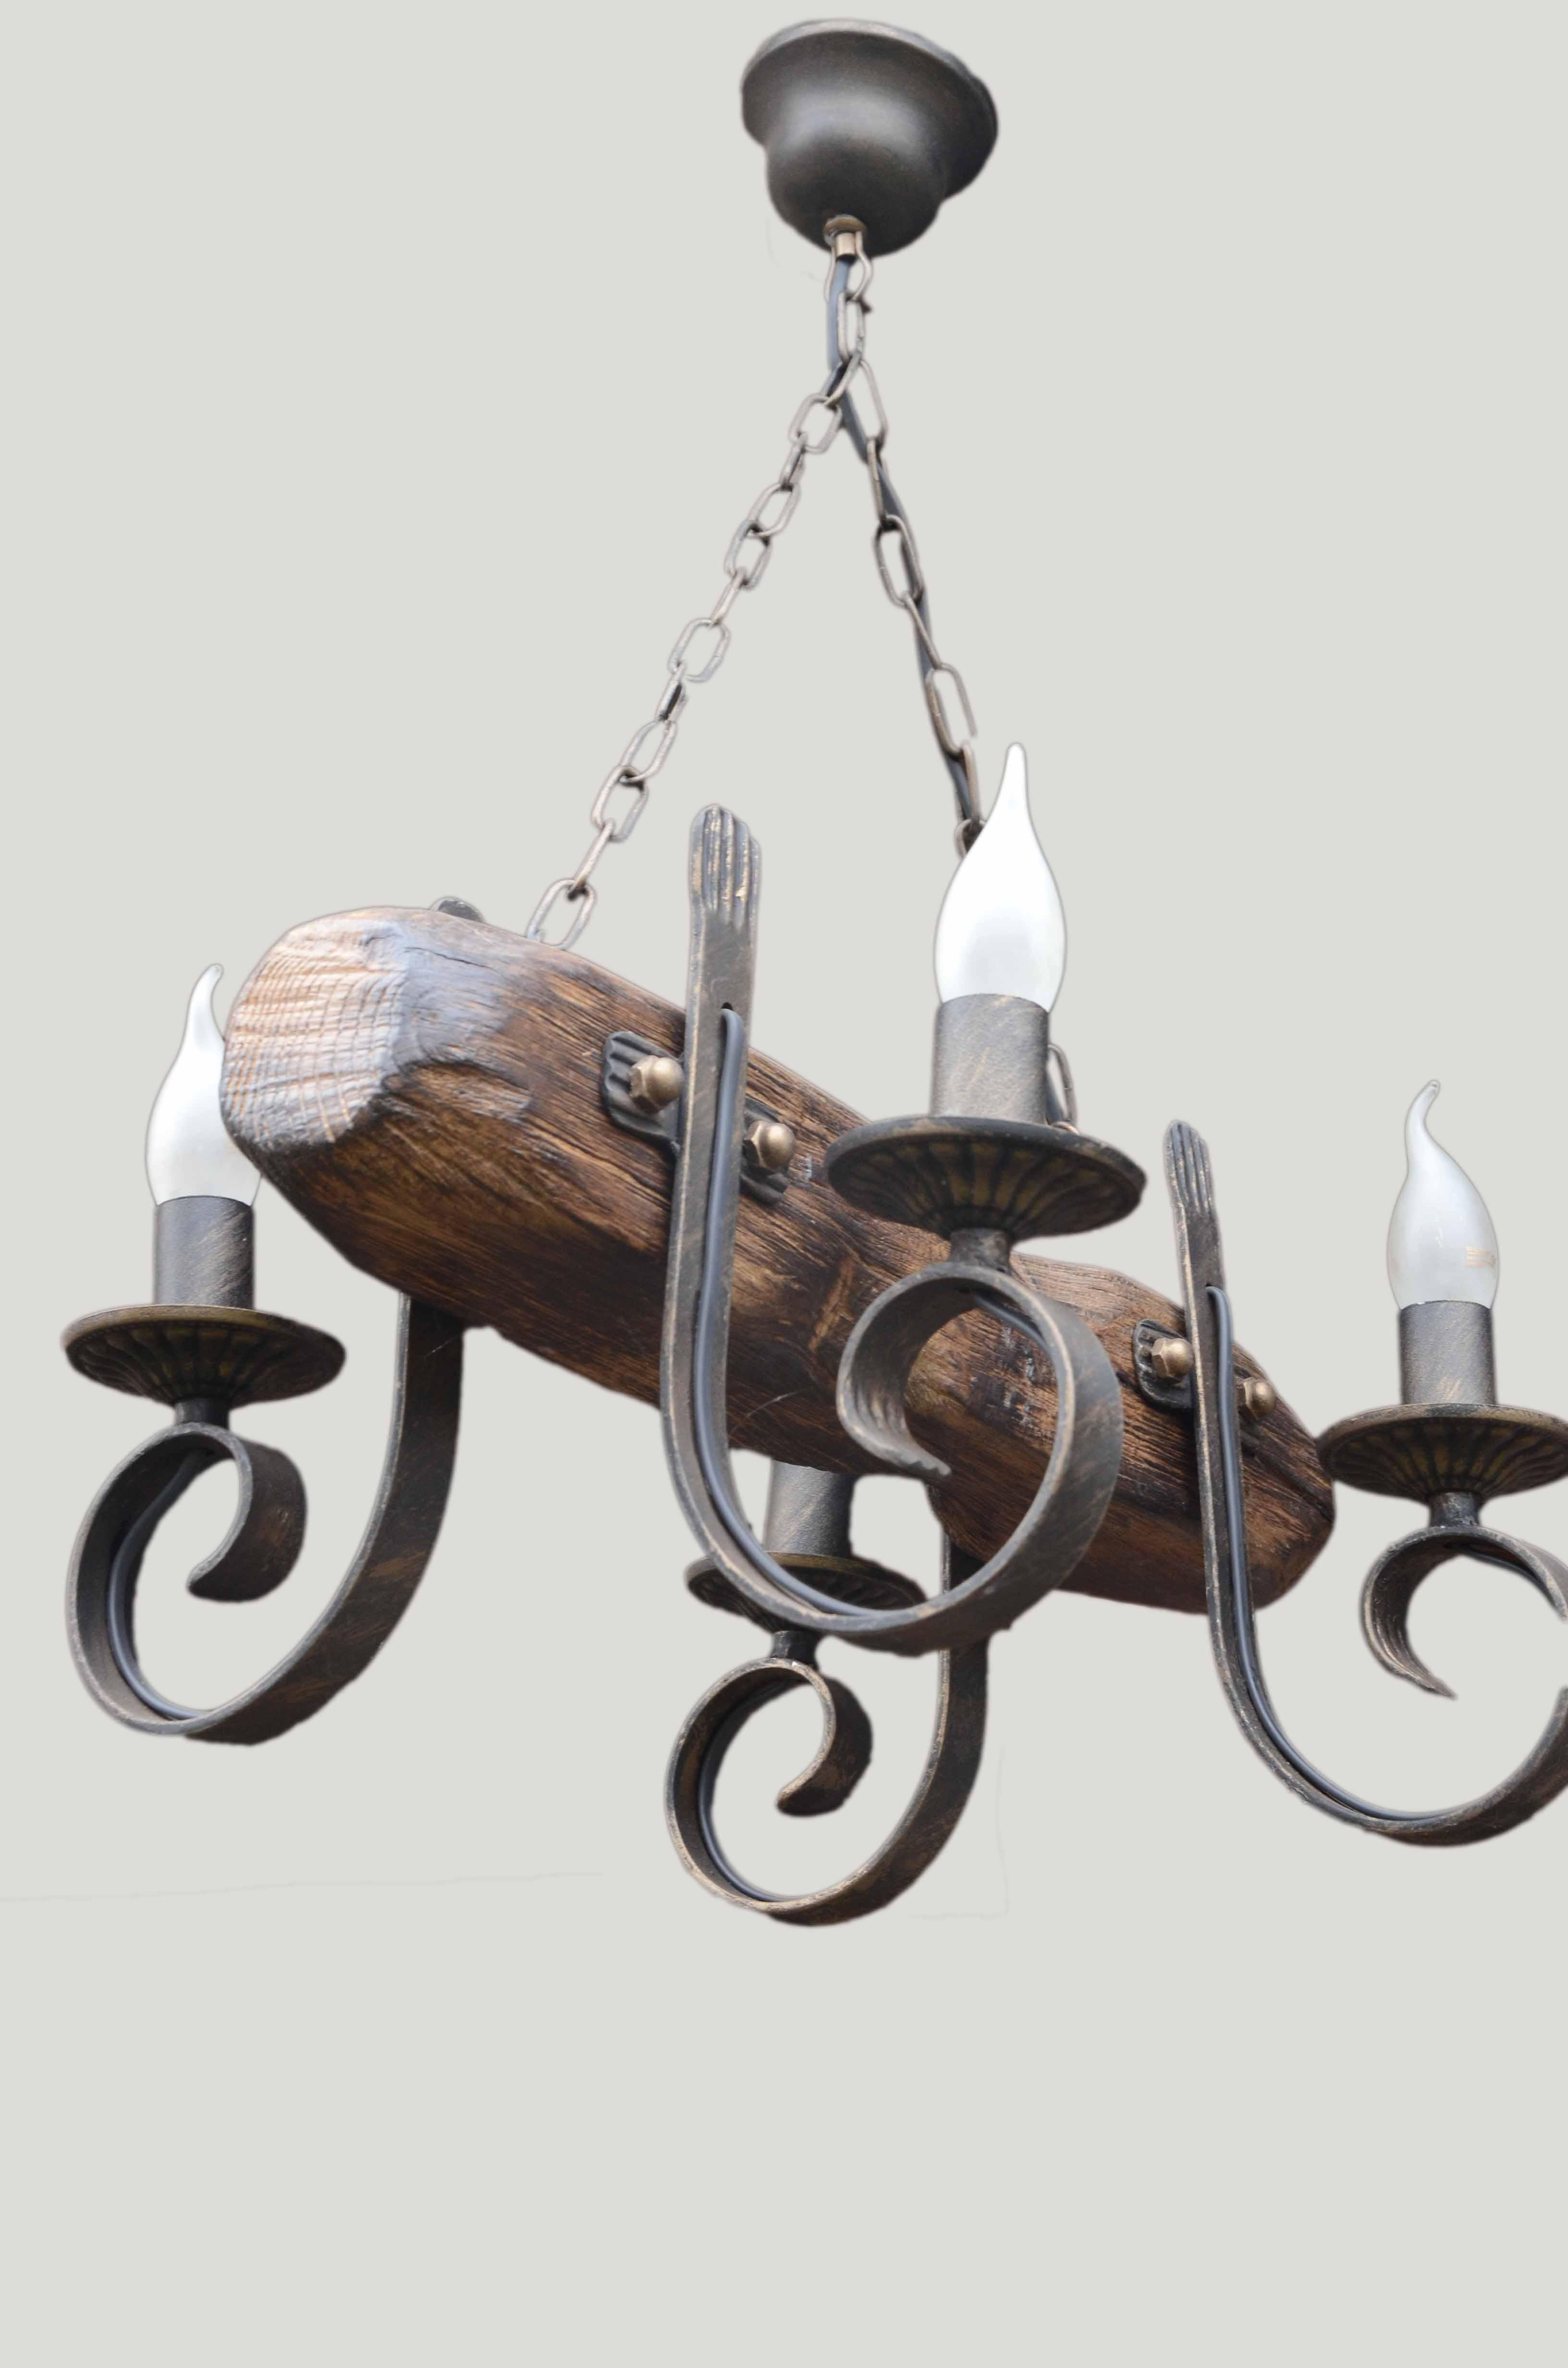 Бра и настенные светильники купить недорого с доставкой в